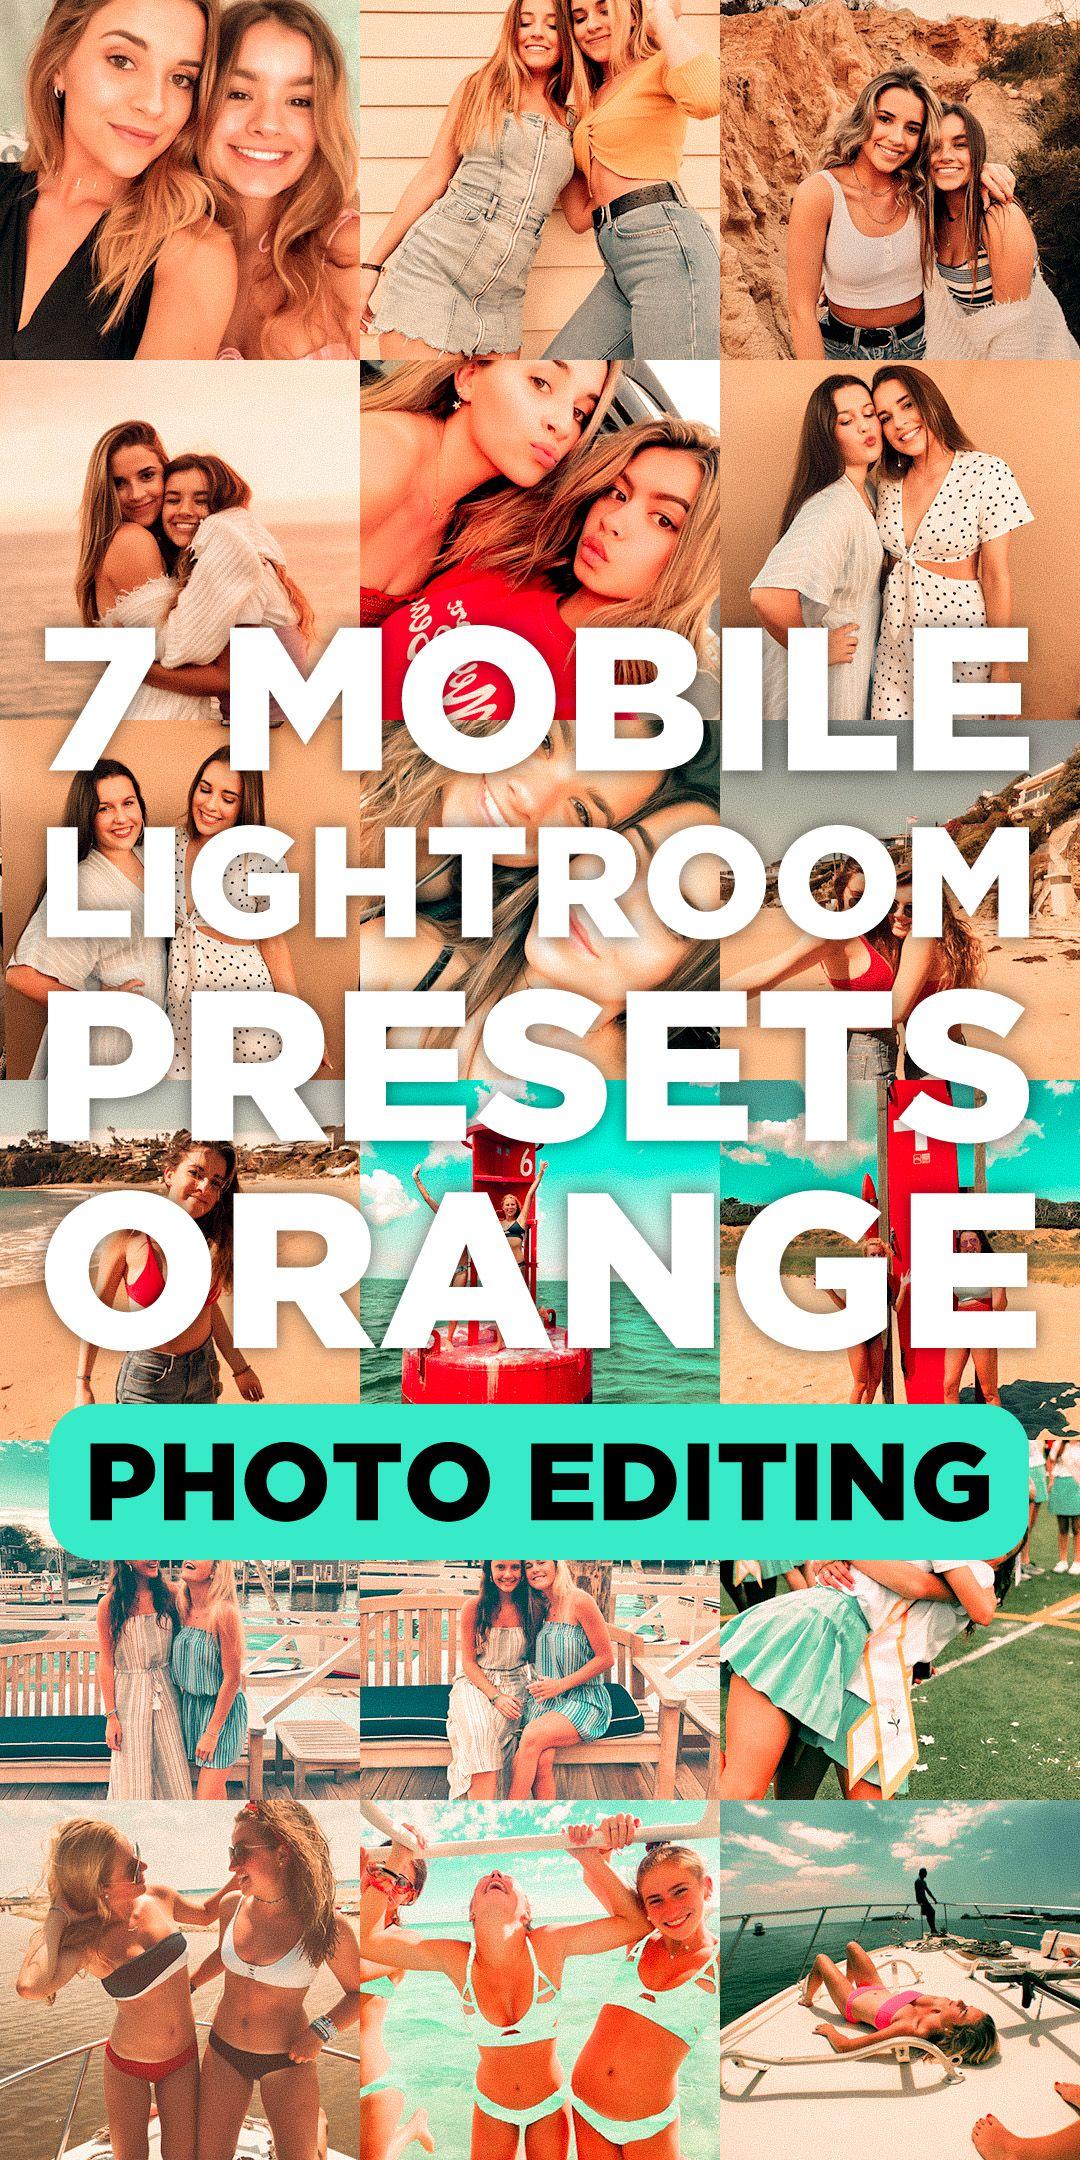 7 mobile lightroom presets beirut instagram creative